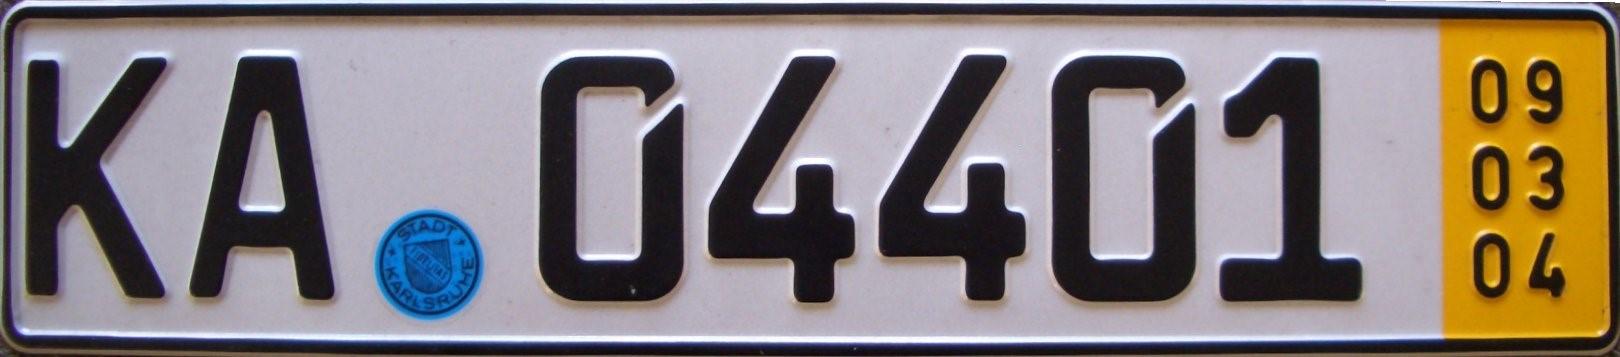 Kurzzeitkennzeichen,gelbes Kennzeichen,5-Tage-Kennzeichen,Ersatz für rotes Kennzeichen,Überfüh...jpg